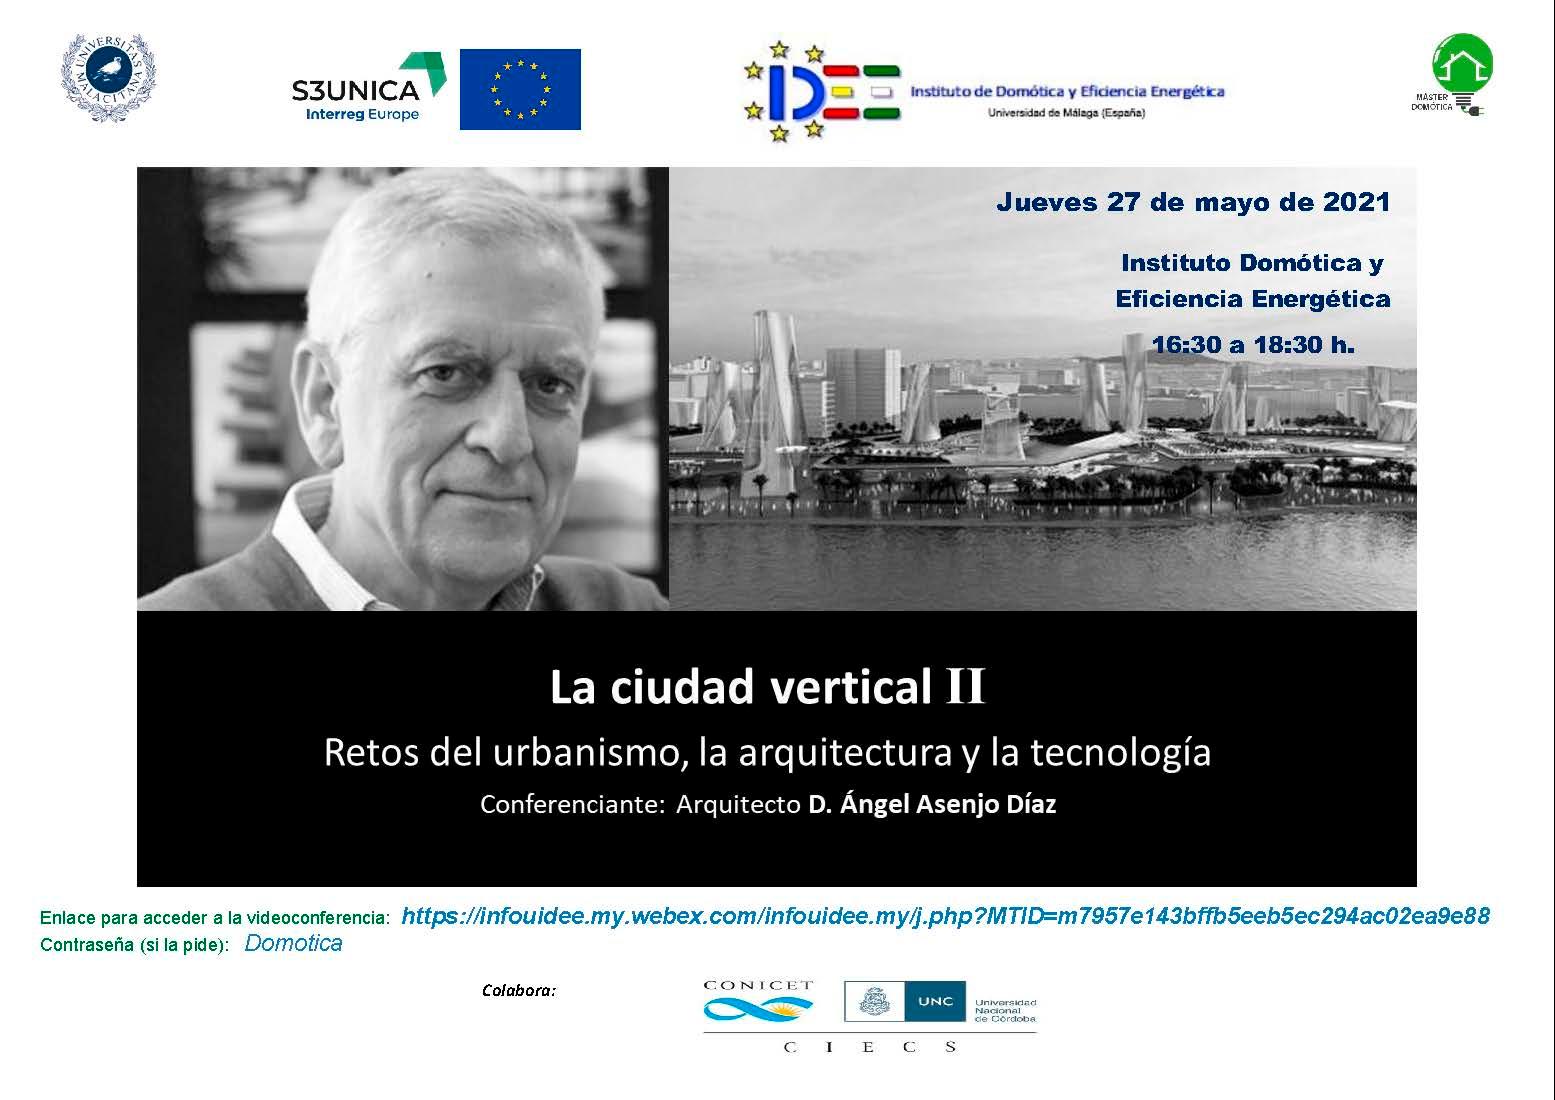 INVITACIÓN UMA 27 DE MAYO DE 2021 La ciudad vertical II Europa.jpg